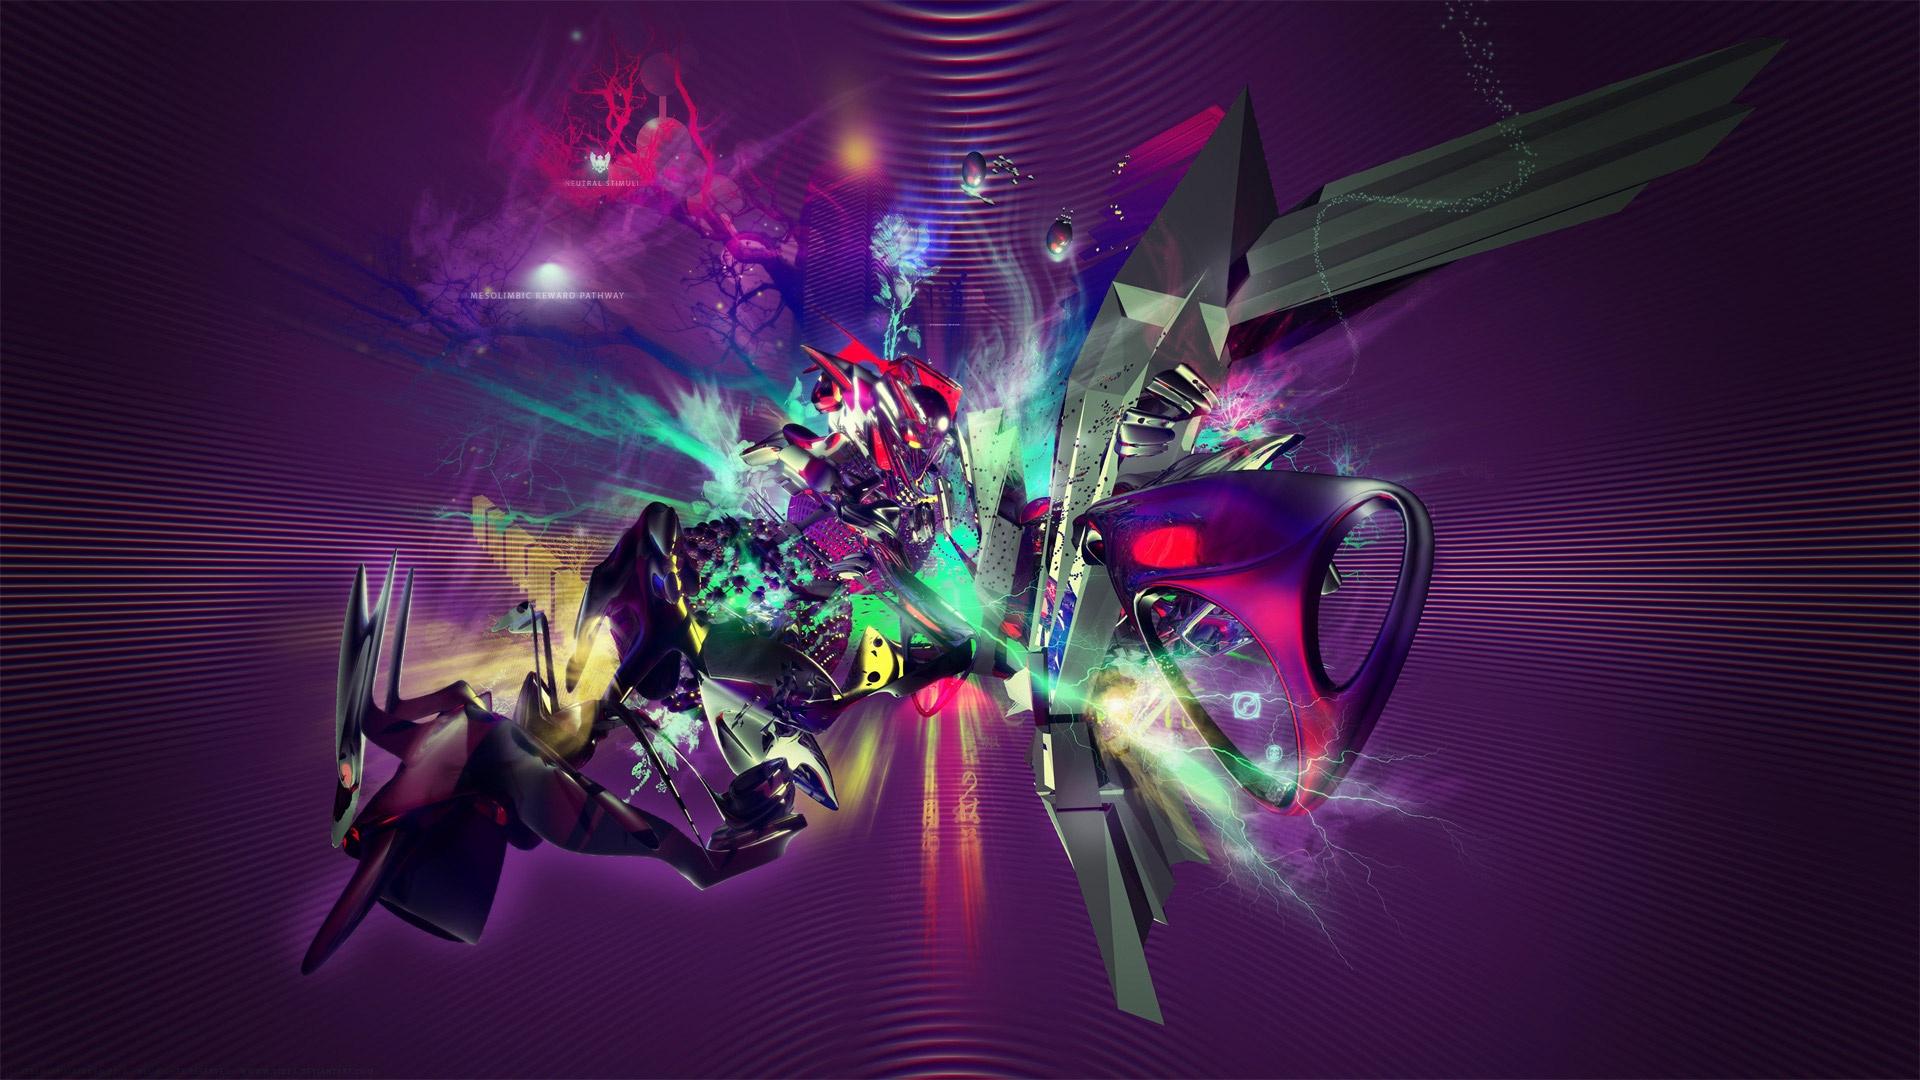 Abstract Music HD Wallpaper | PixelsTalk Net